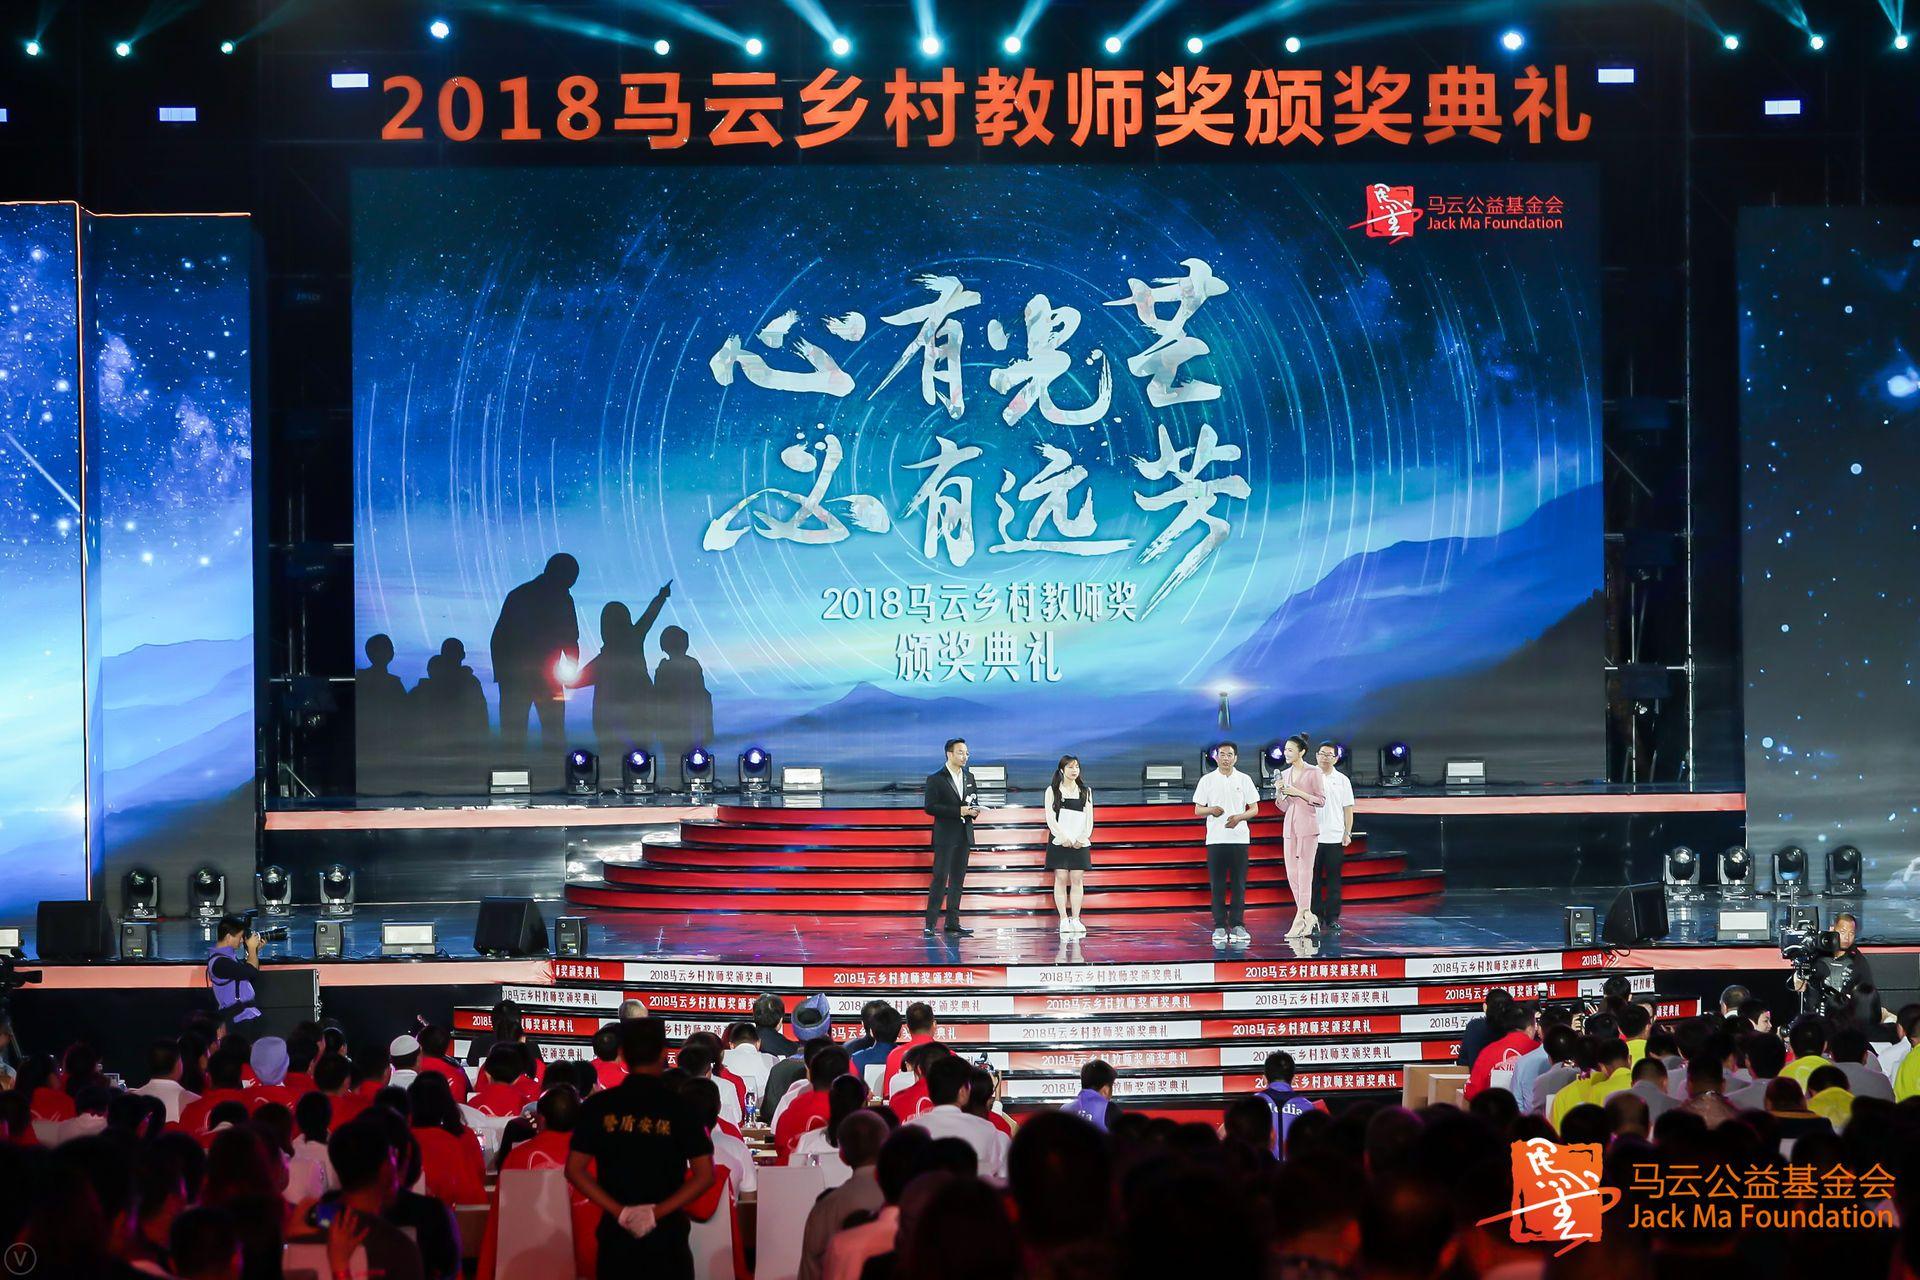 第四届马云乡村教师奖颁奖 百名乡村教师和马云重回课堂